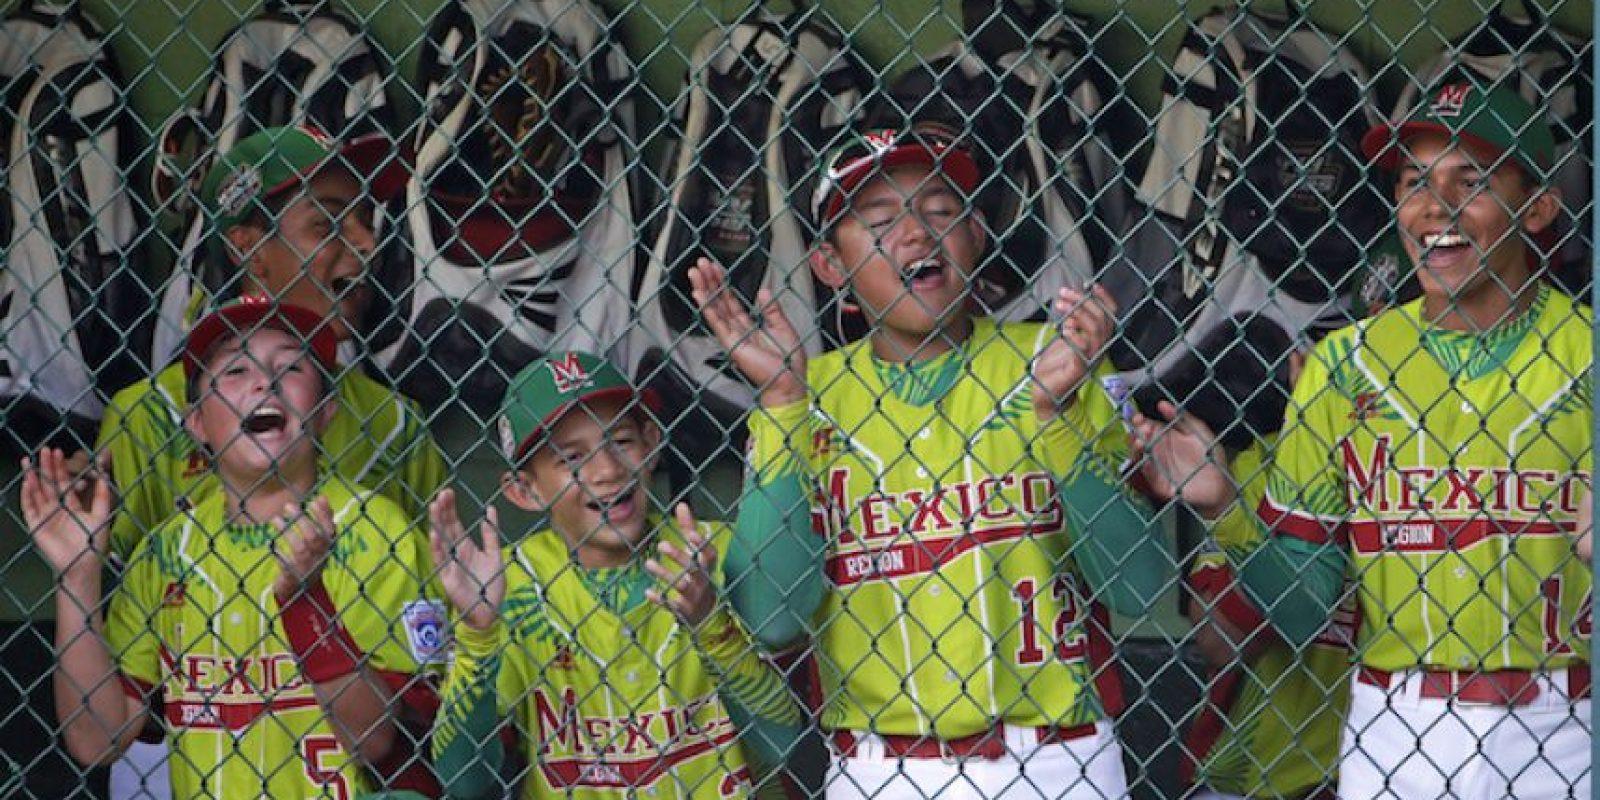 ¡Se acabó! México es eliminado por Corea en las Pequeñas Ligas Foto:AP